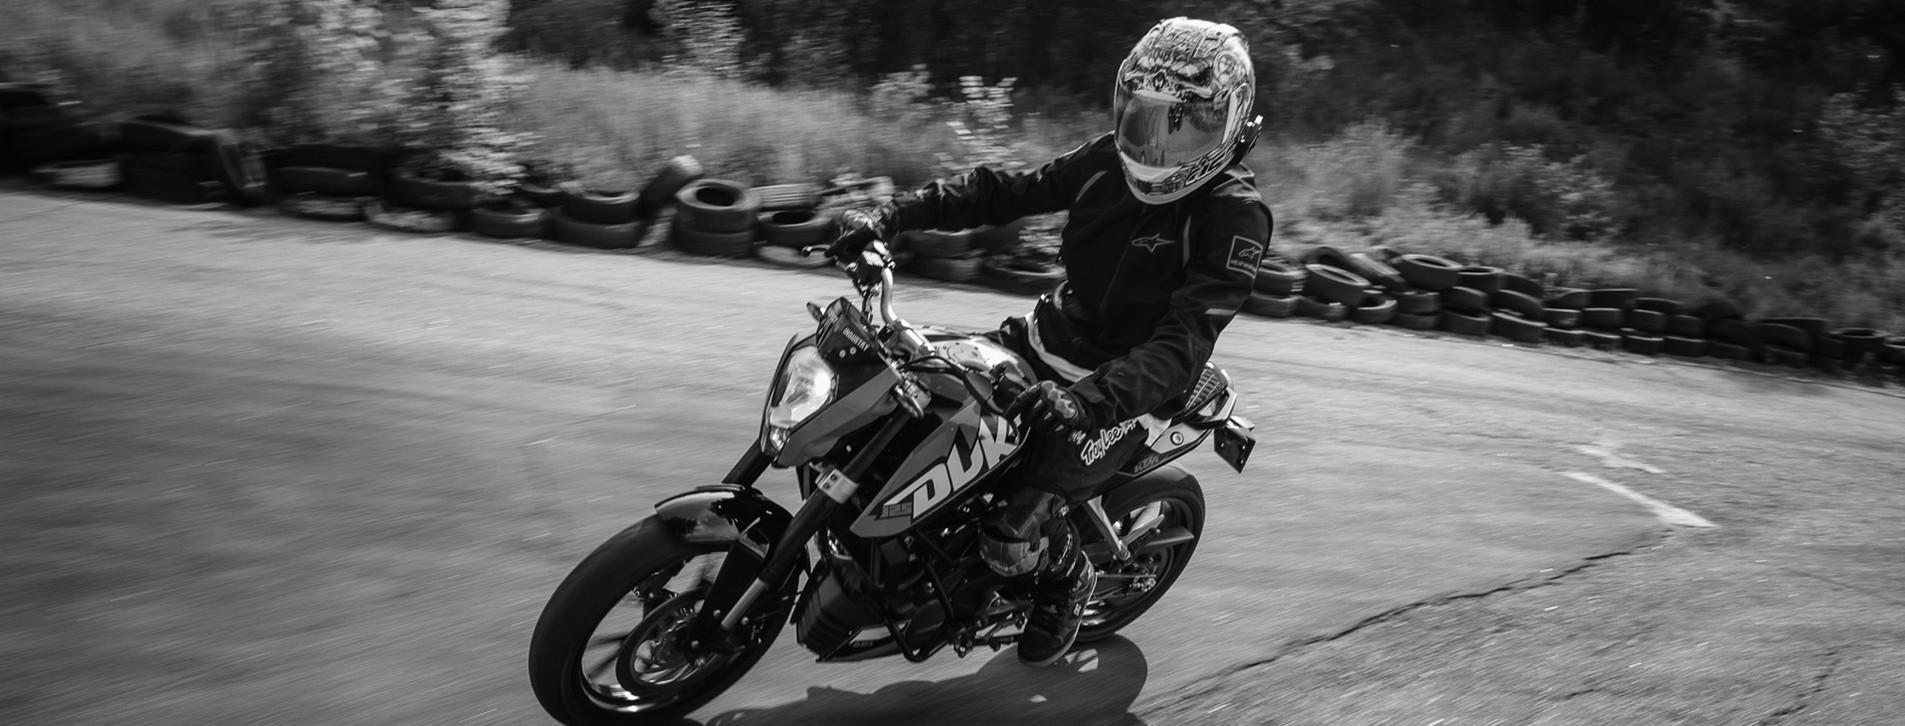 Фото 1 - Курс їзди на мотоциклі